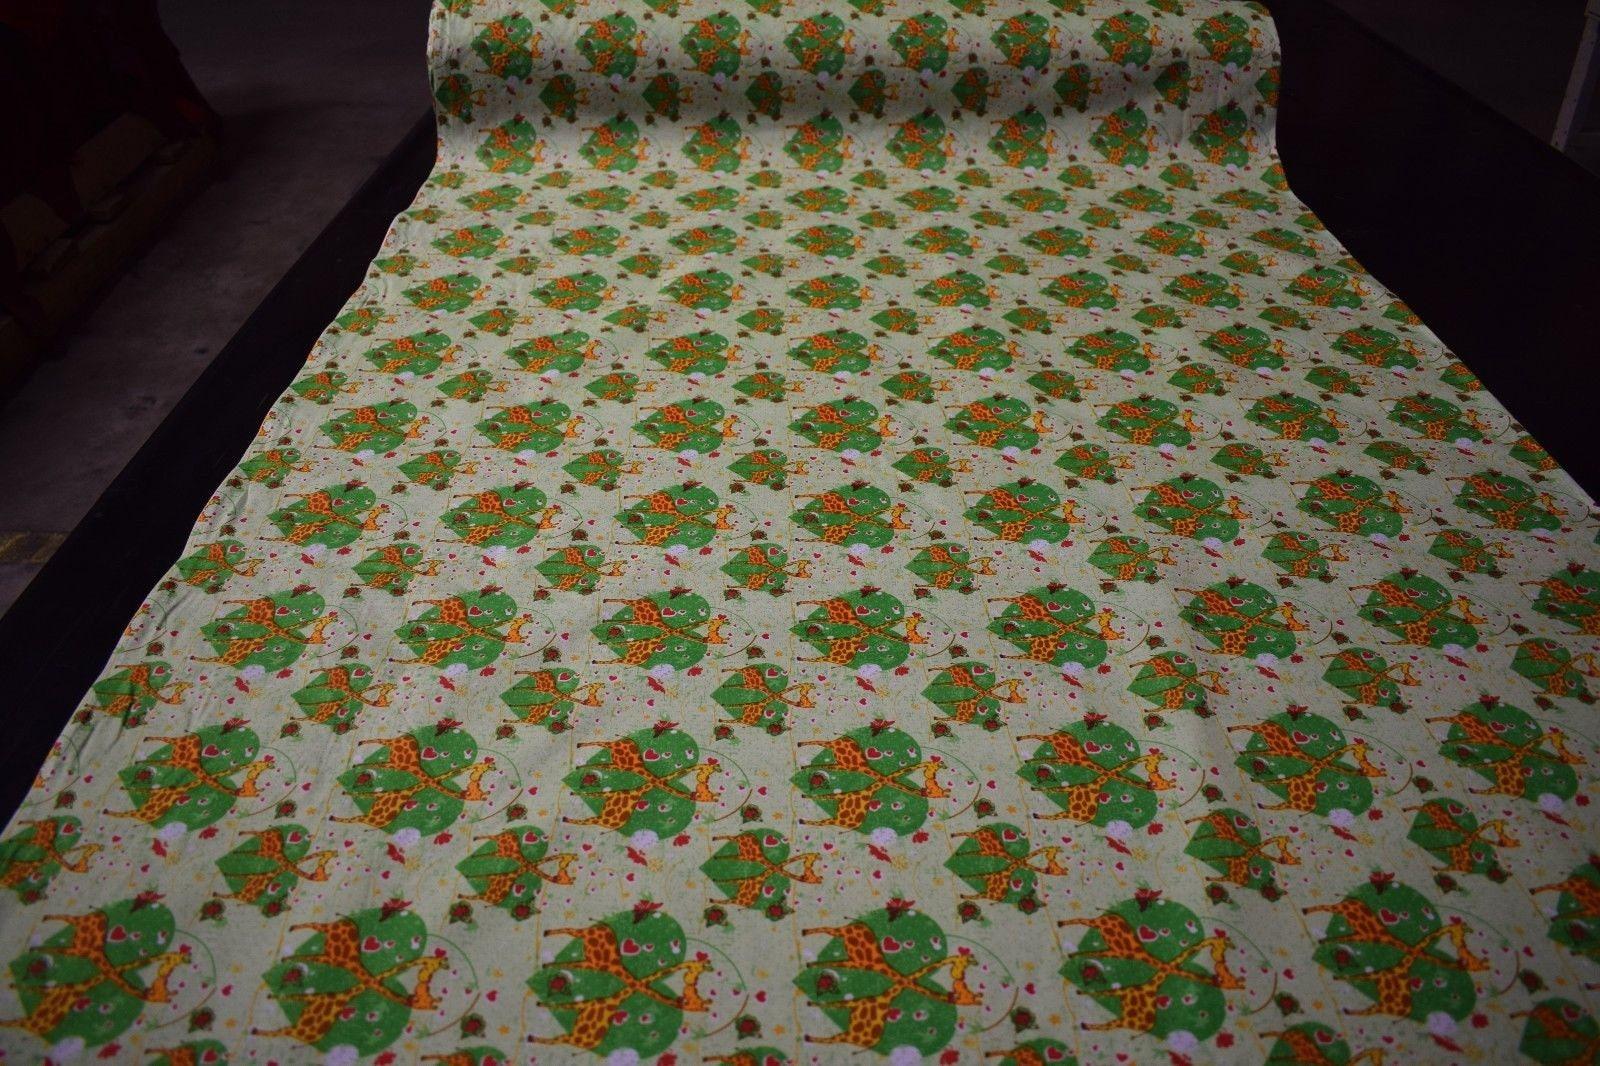 Green Giraffe Heart Print Quilting Fabric Craft Apparel Upholstery